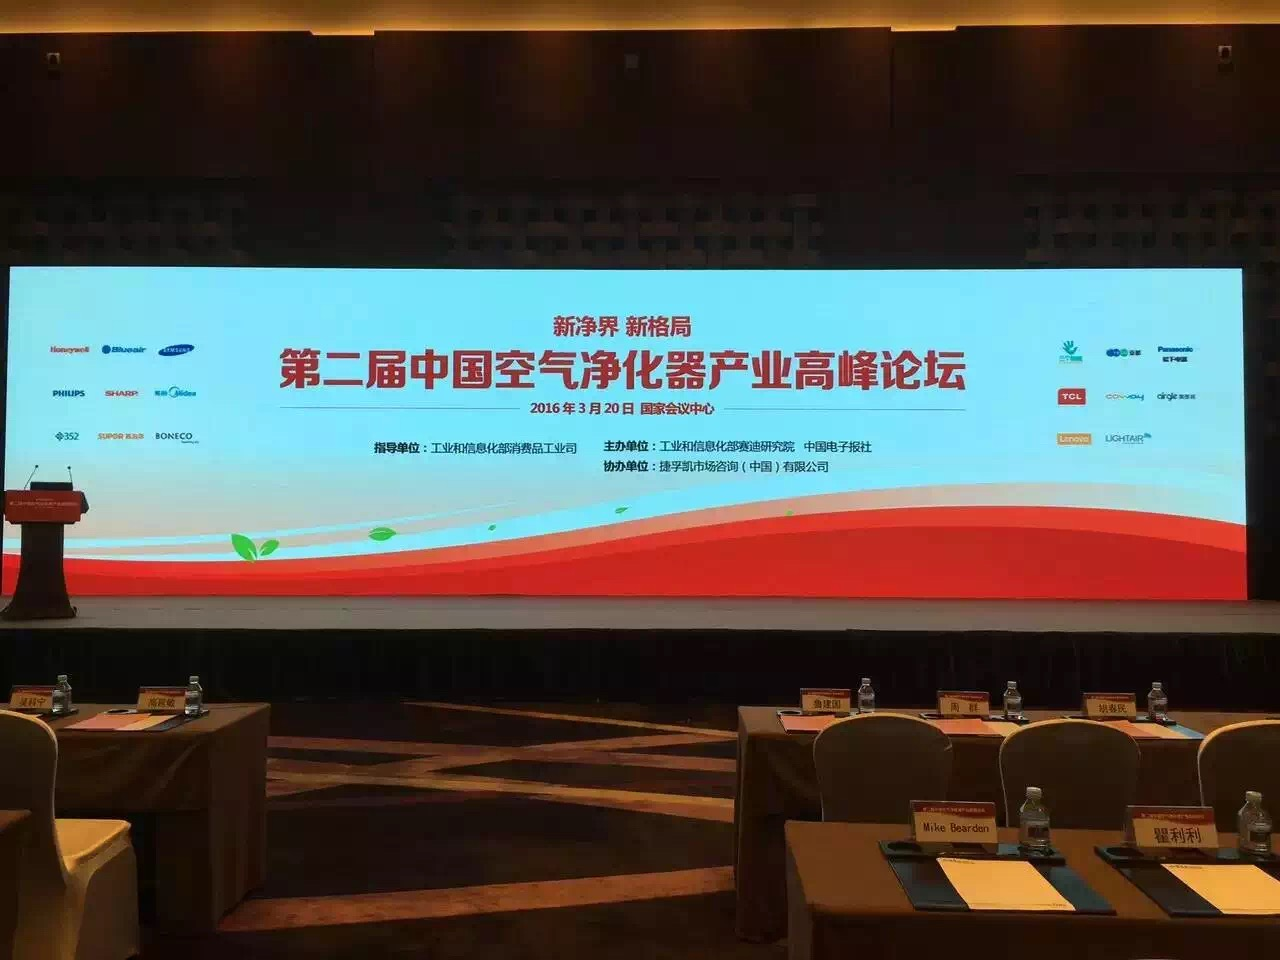 3月20日第二届中国空气净化器产业高峰论坛如期举行